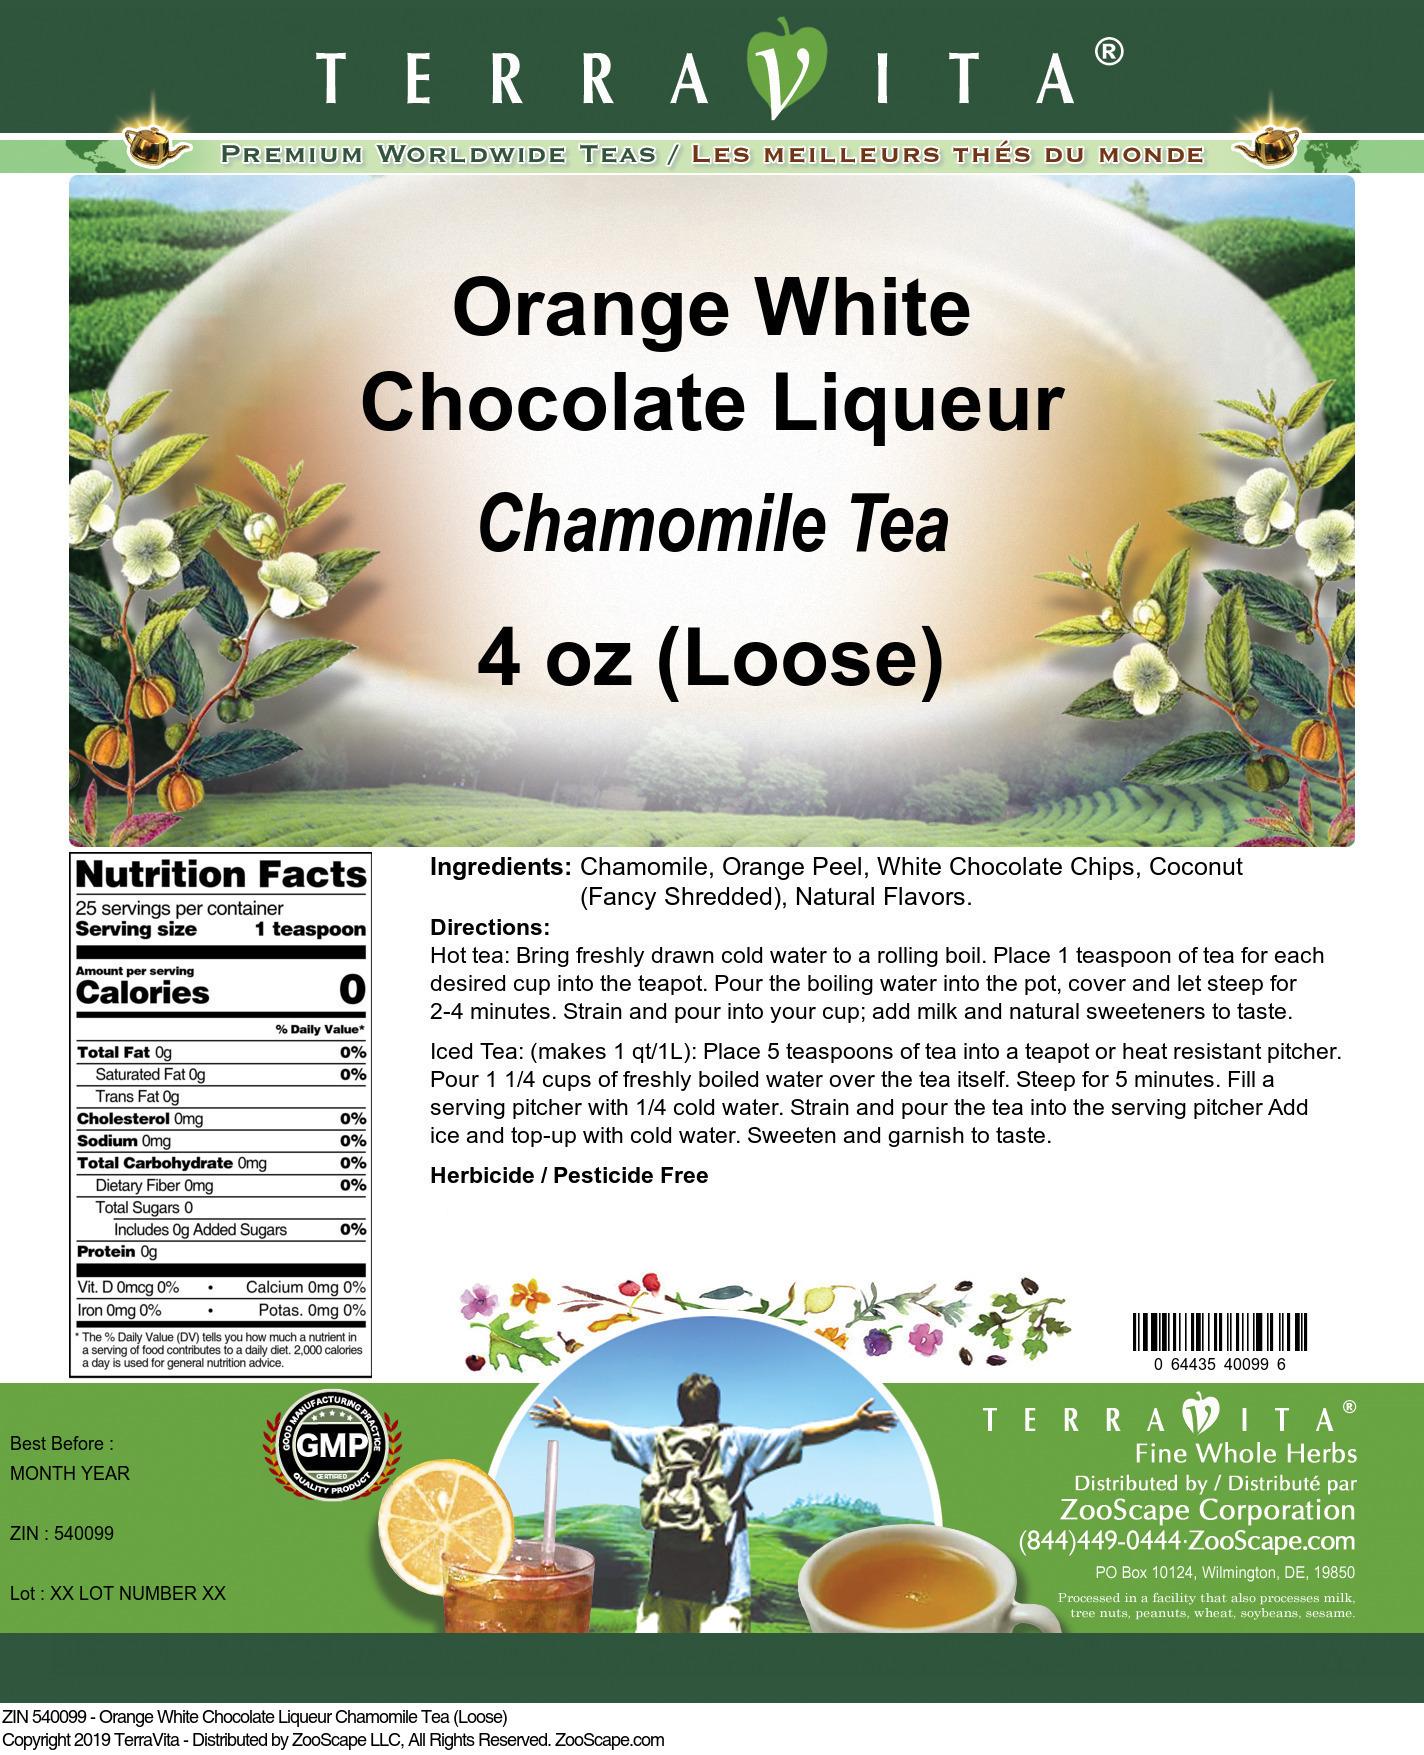 Orange White Chocolate Liqueur Chamomile Tea (Loose)